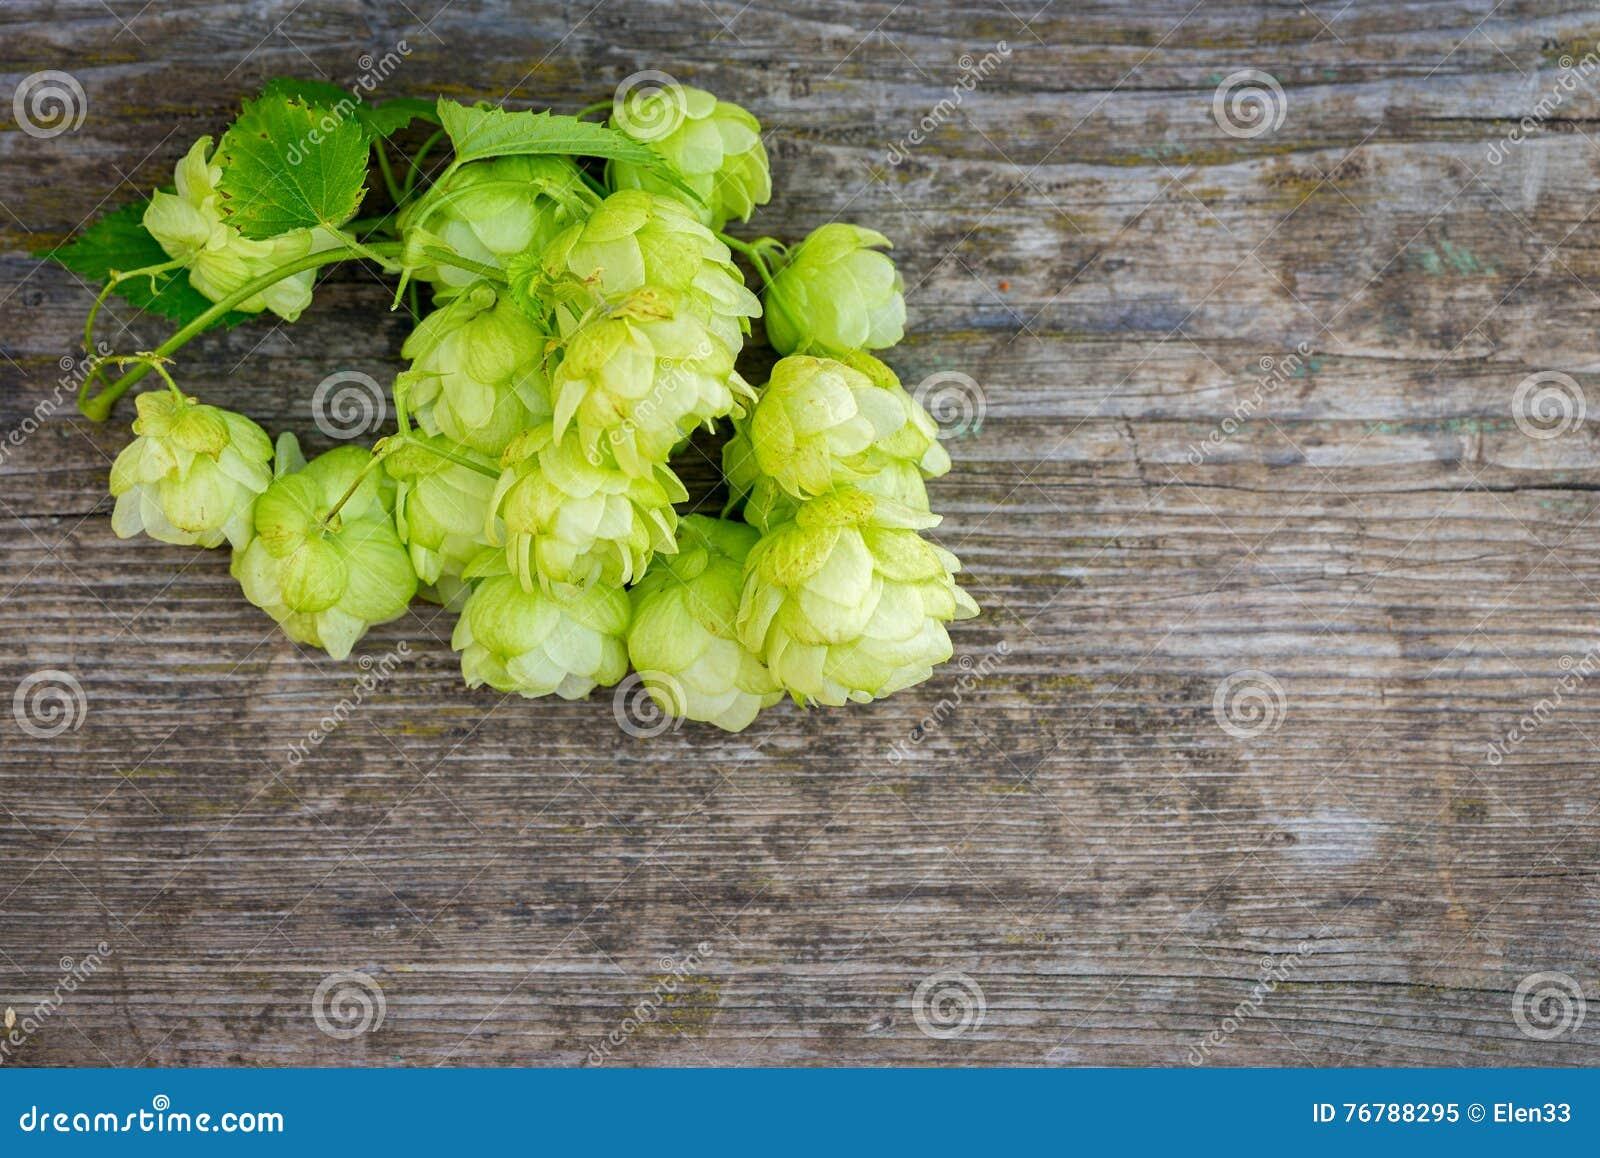 Blütenzapfen des Hopfens